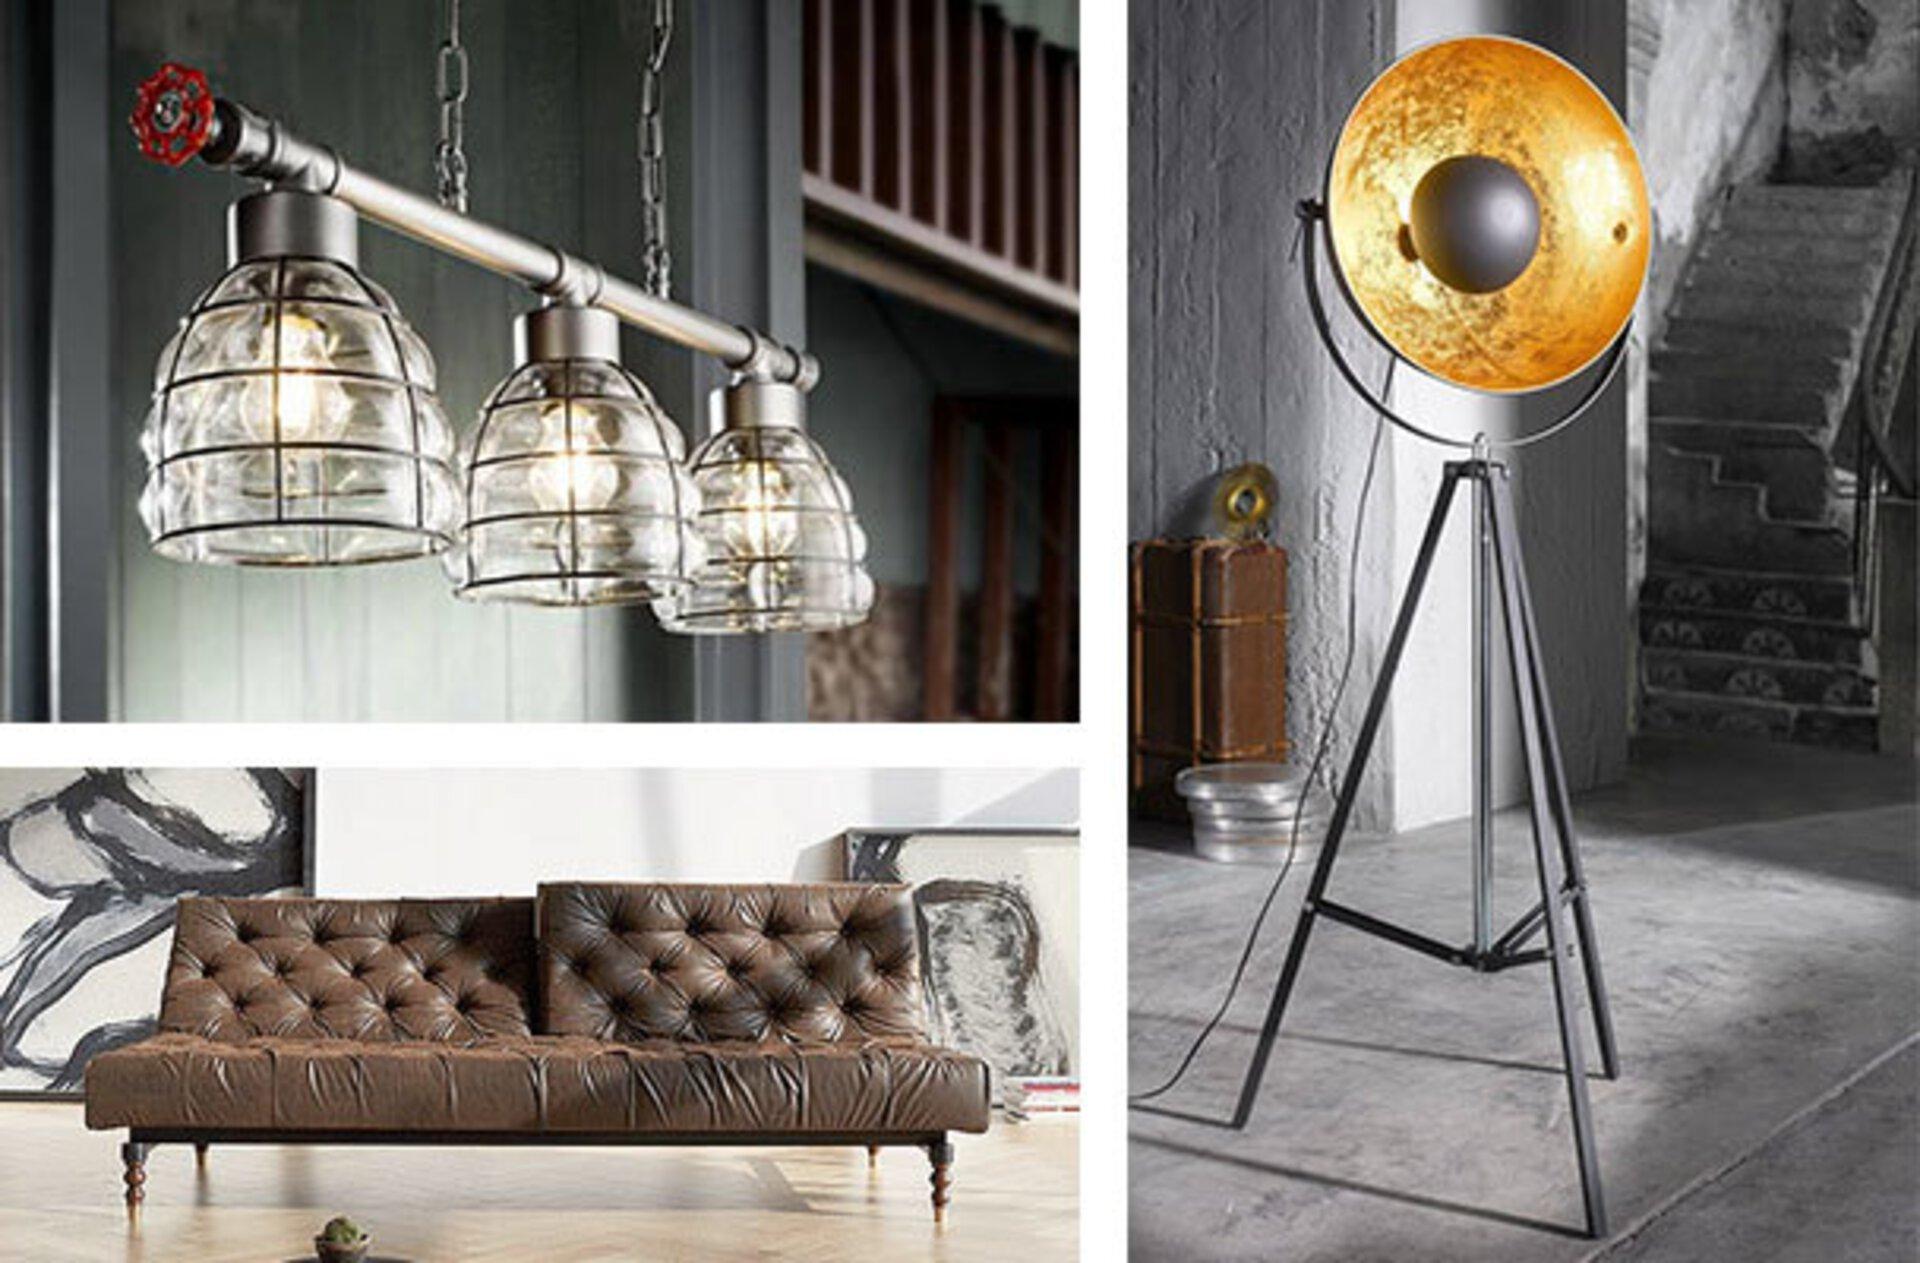 Lassen Sie sich von den vintage Einrichtungsideen der Möbel Inhofer Fachberater inspirieren. Finden Sie ihr neues vintage Lieblingsmöbelstück, eine neue tolle vintage Leuchte oder viele andere Artikel im Vintagstil